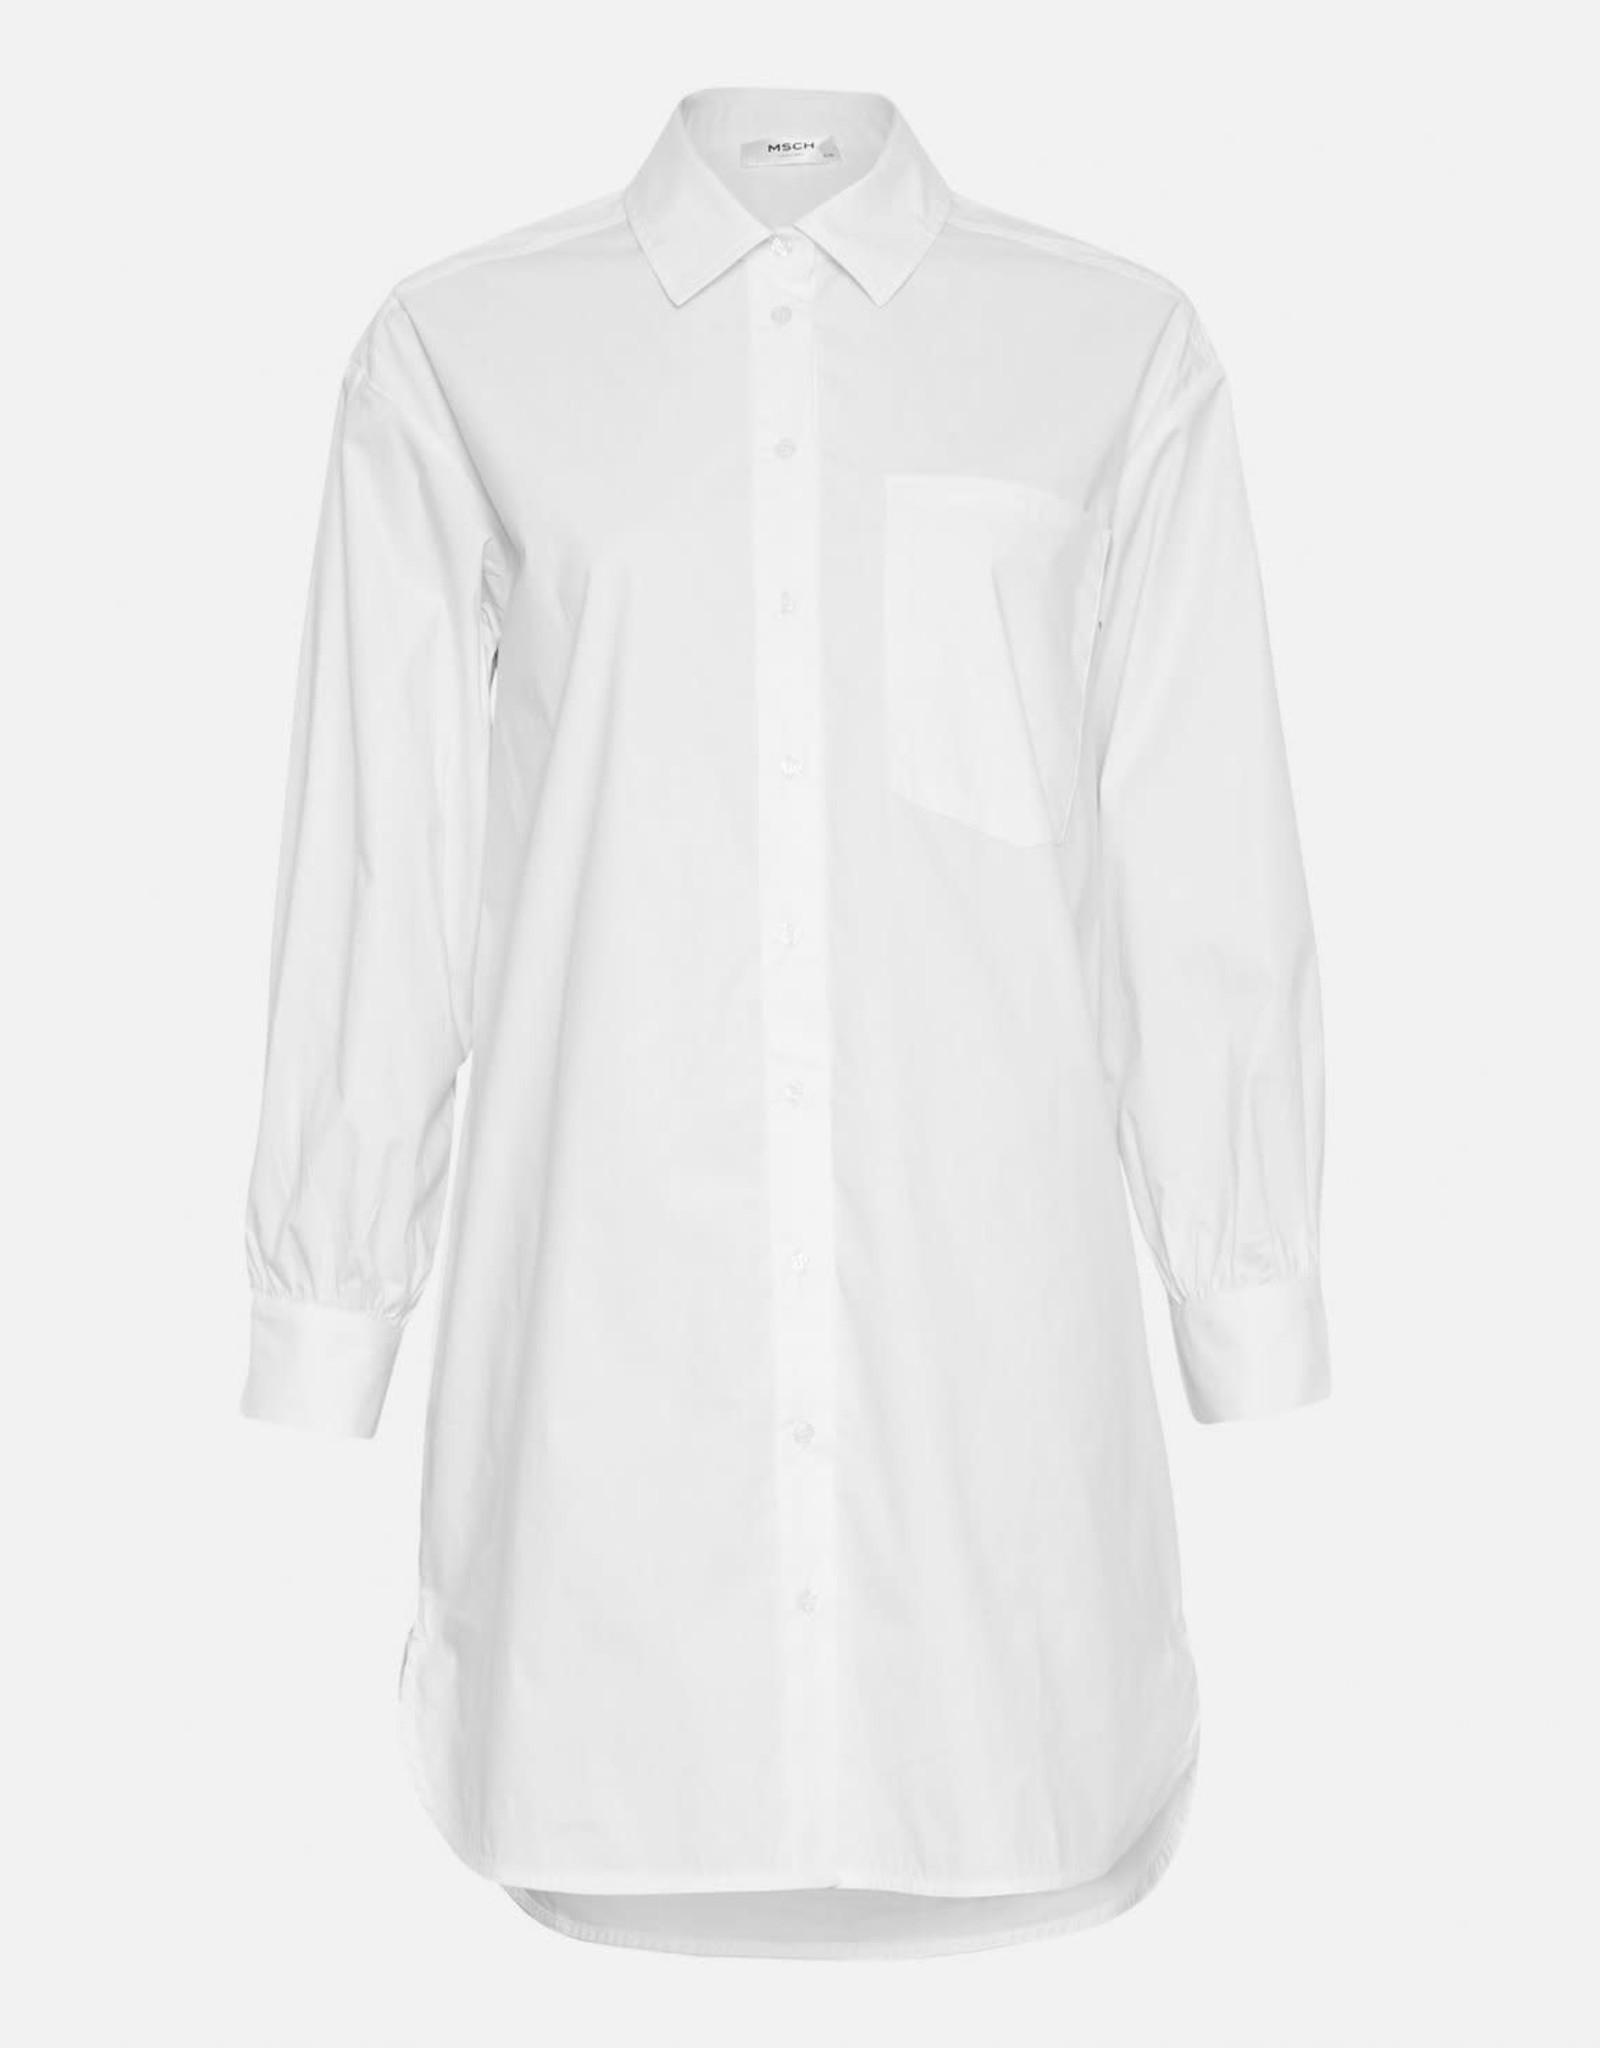 Moss Copenhagen MSCH Anou Ava LS Shirt